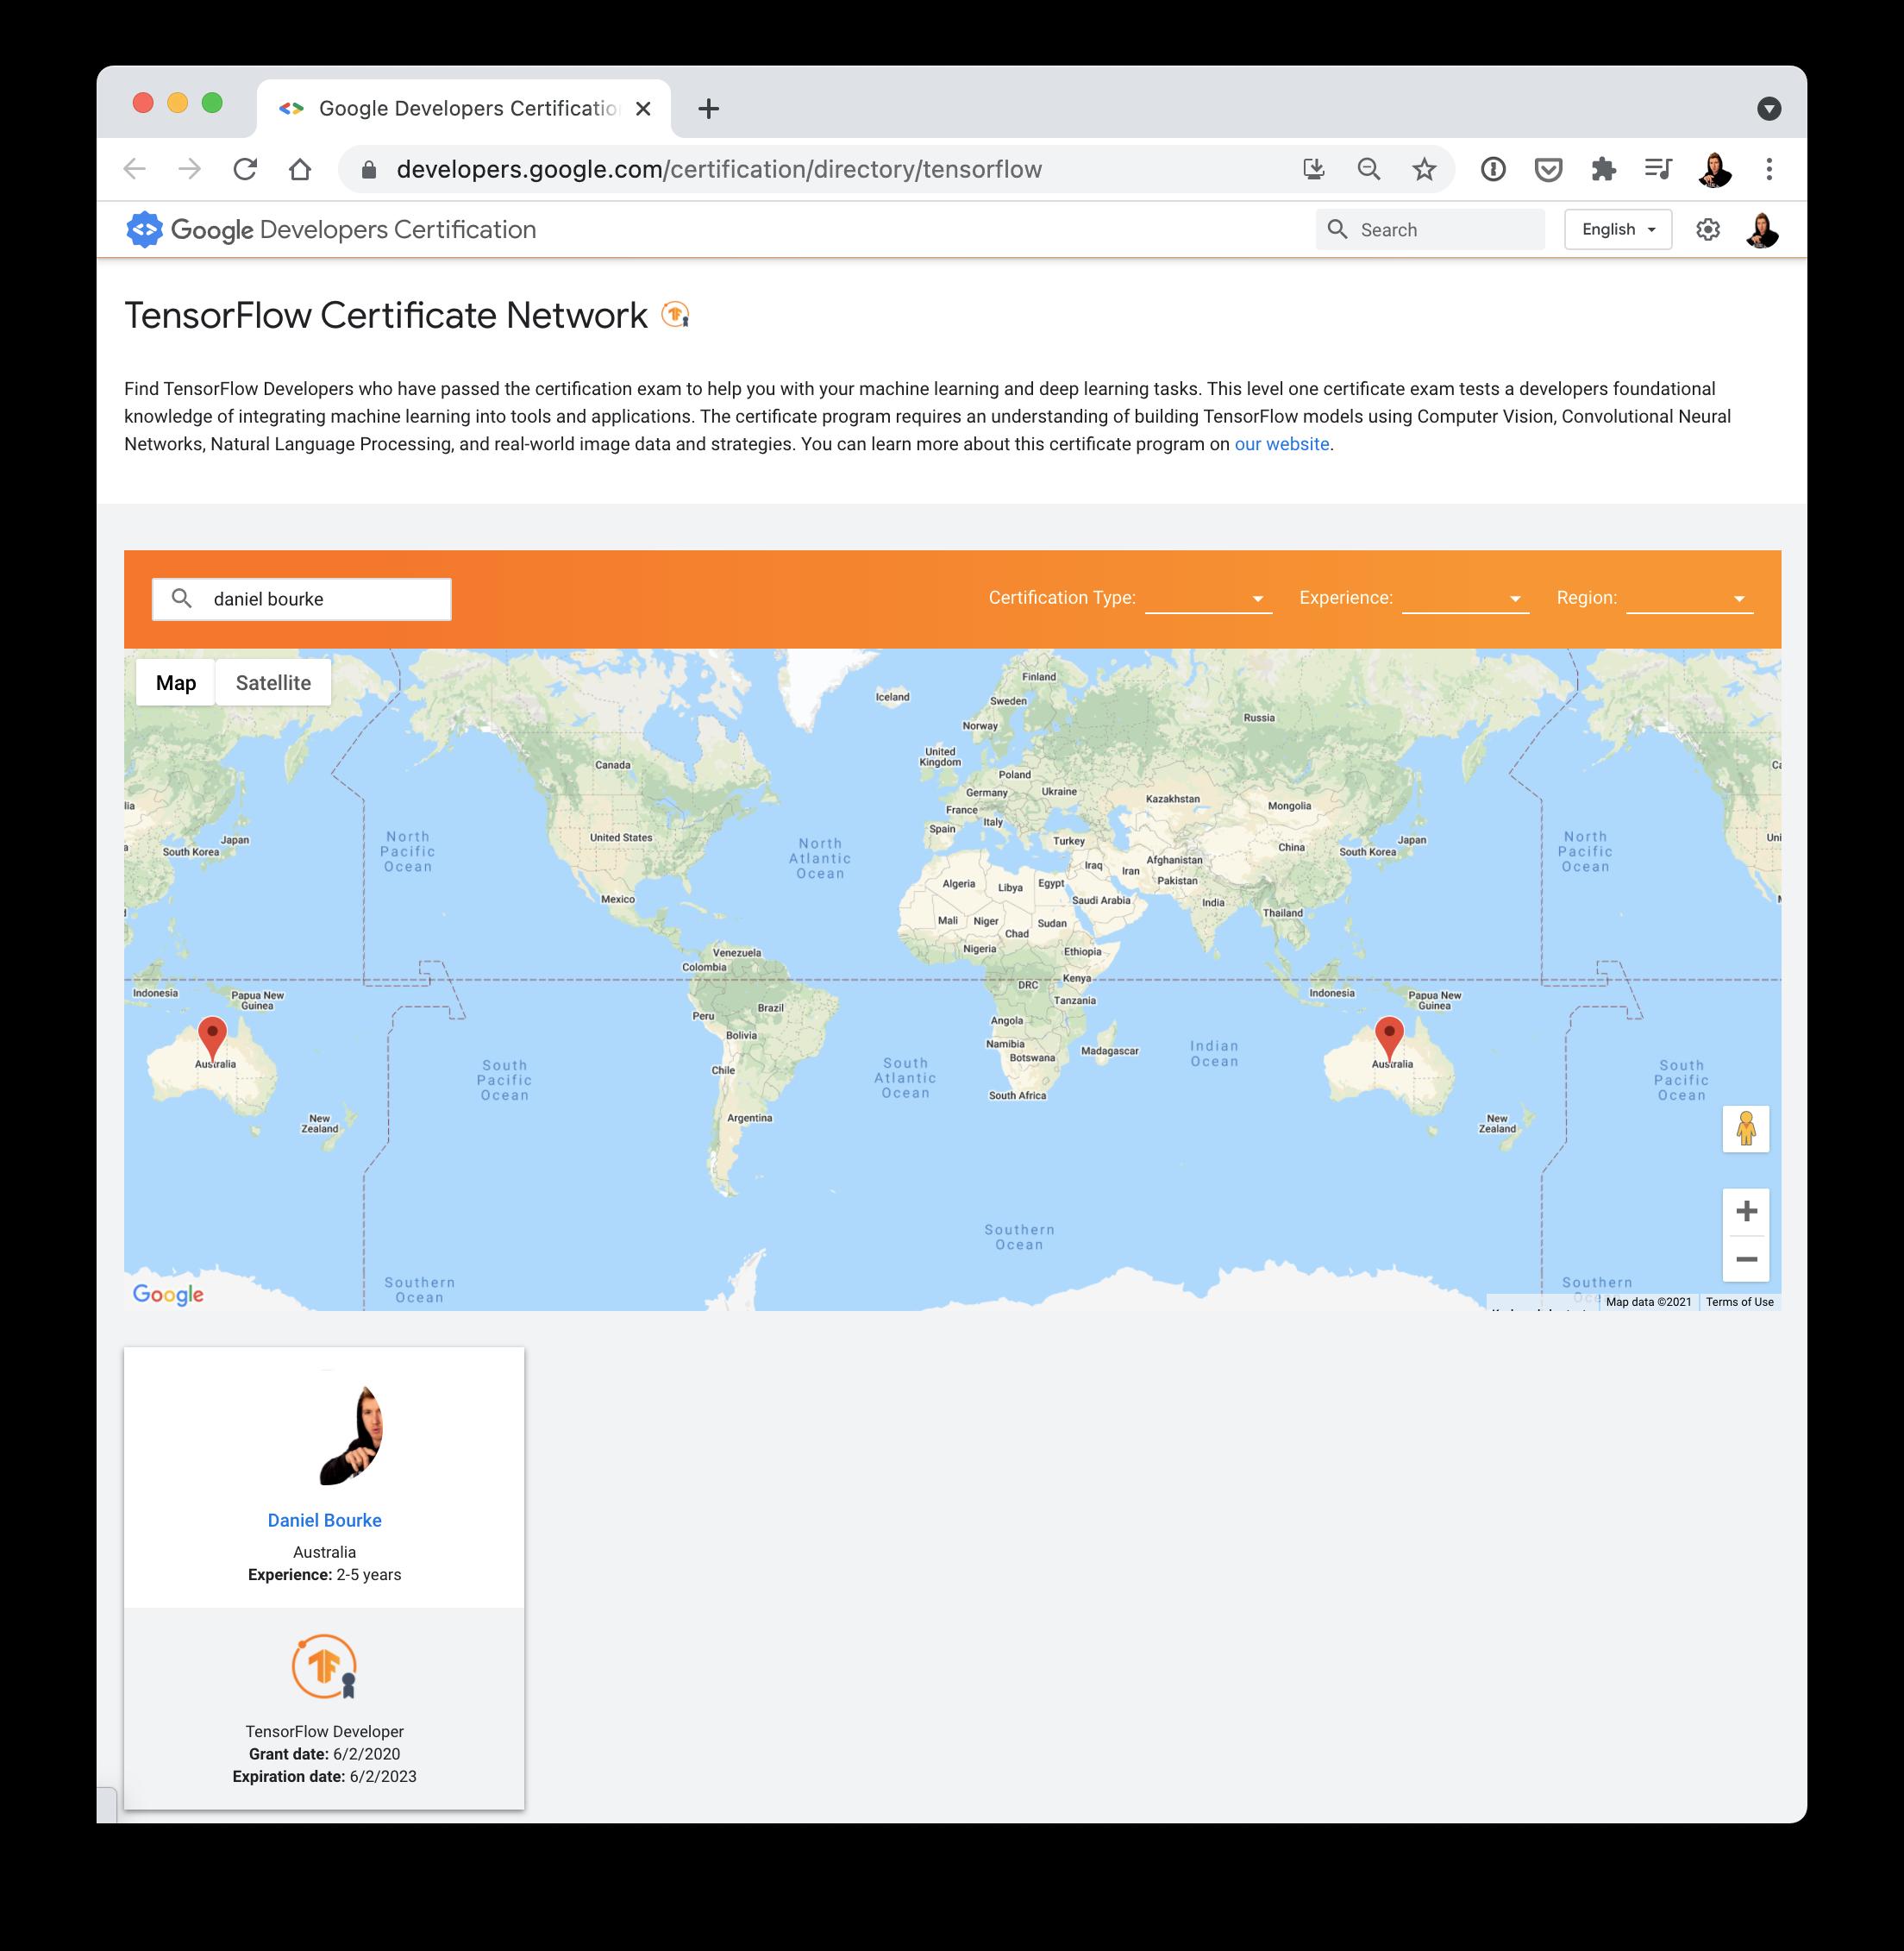 TensorFlow Certificate Network